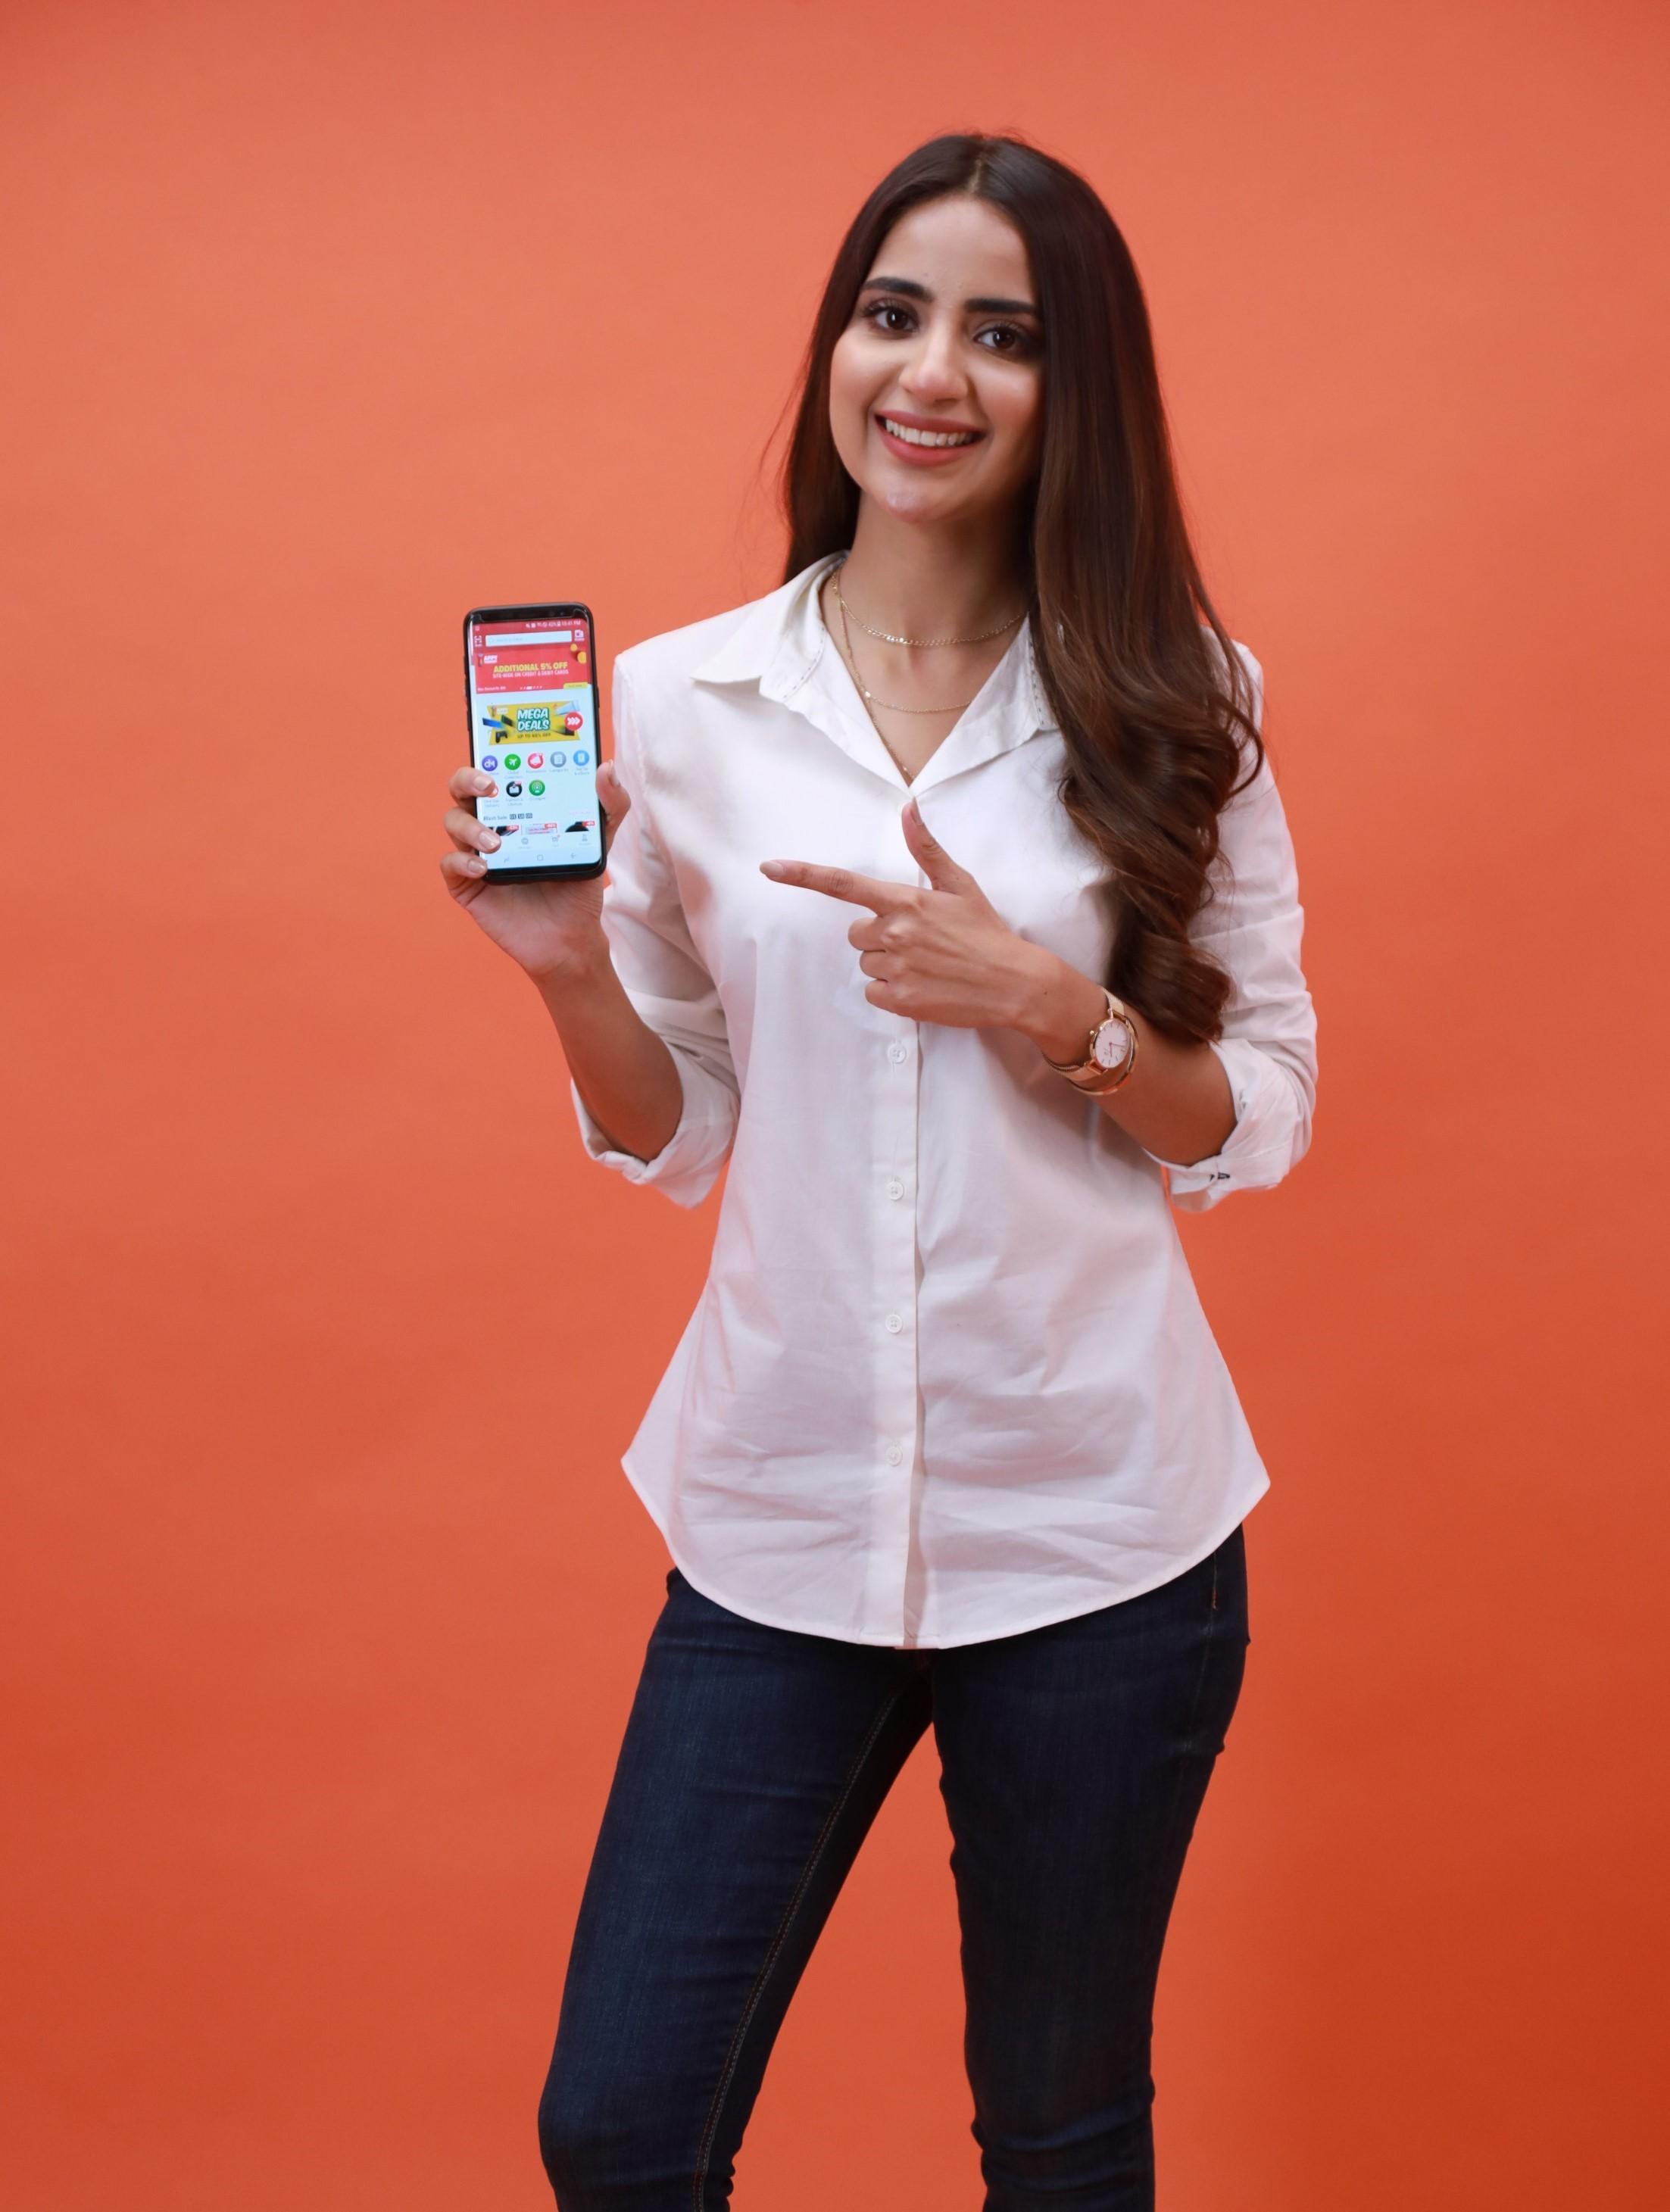 Daraz-TV advertising